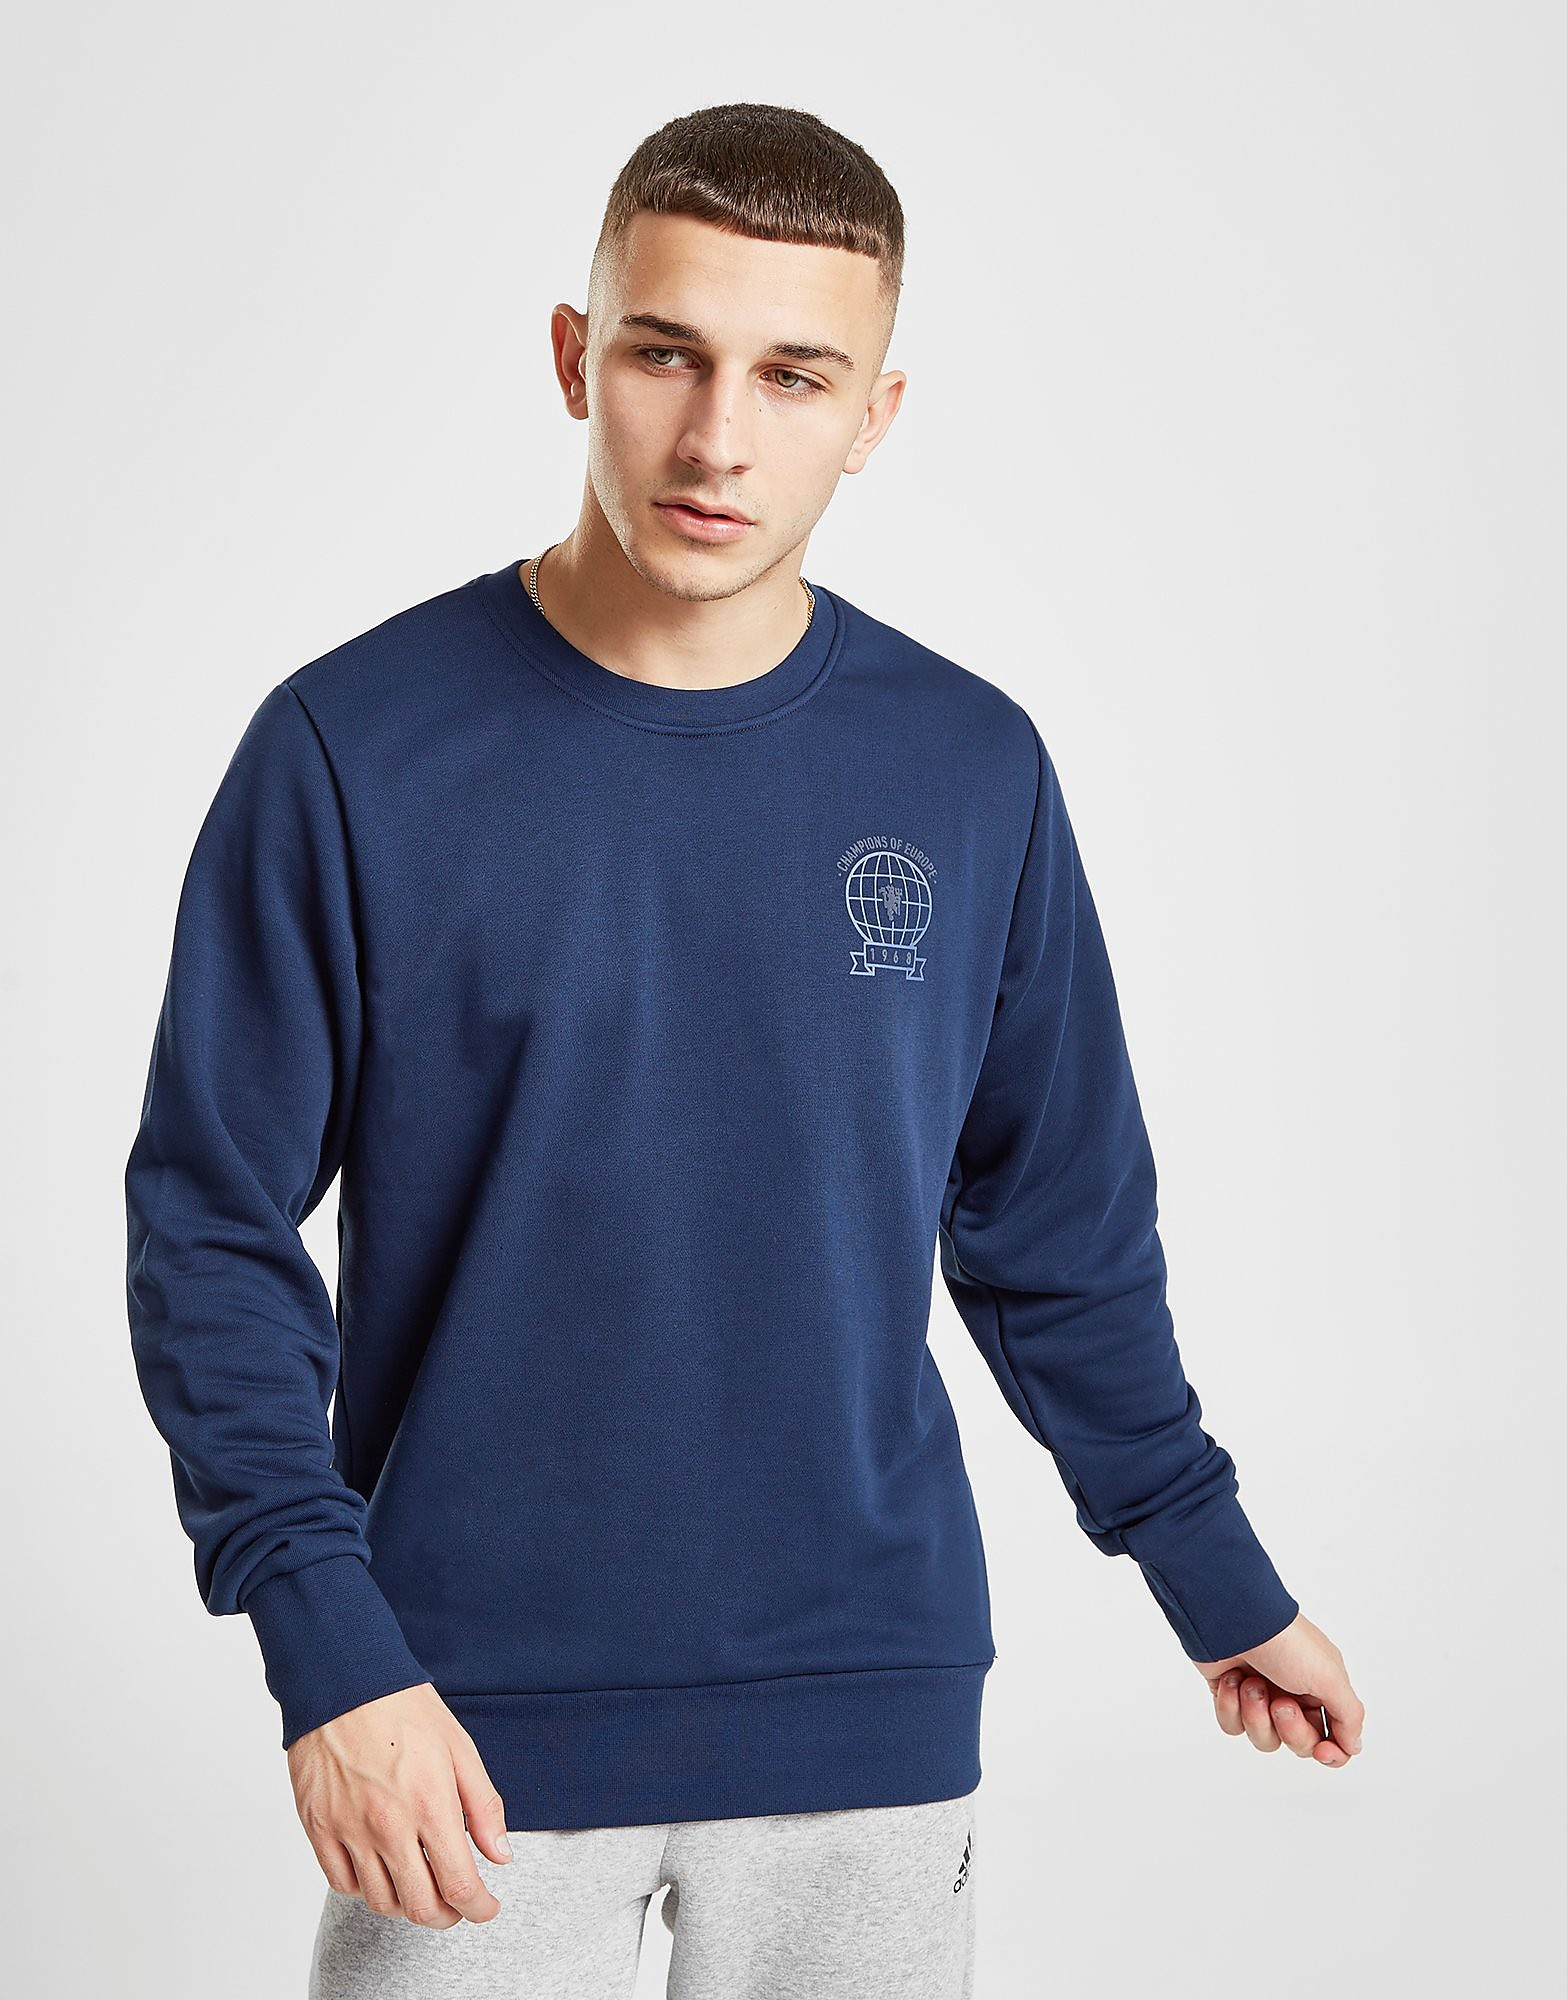 Sweater und Hoodies bei Sportiply